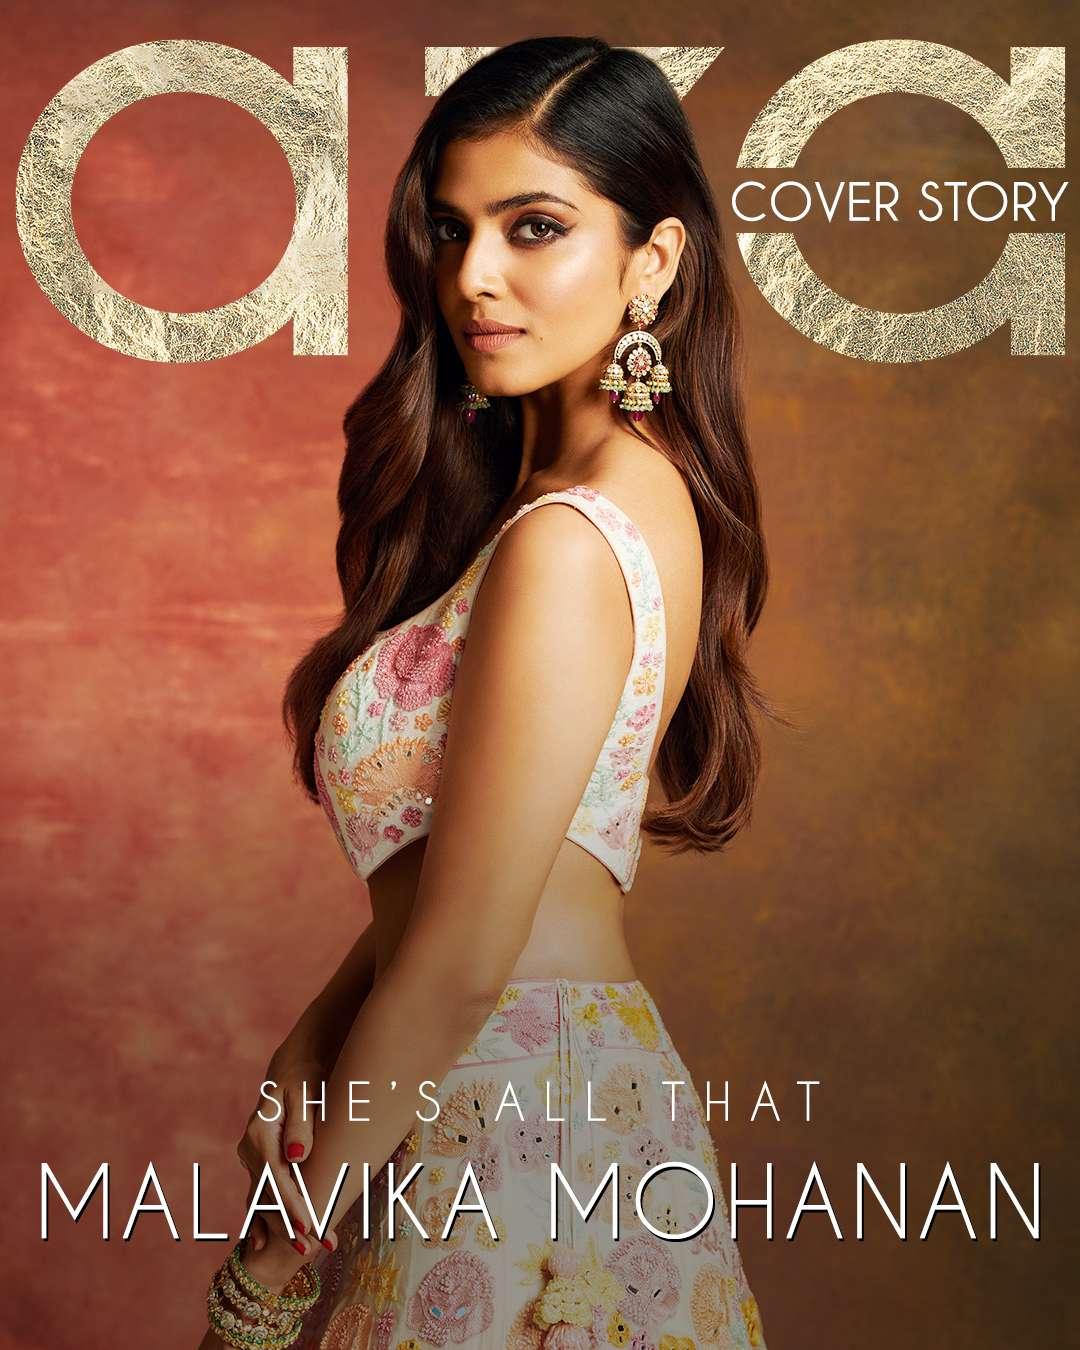 Malavika Mohanan Cover Story